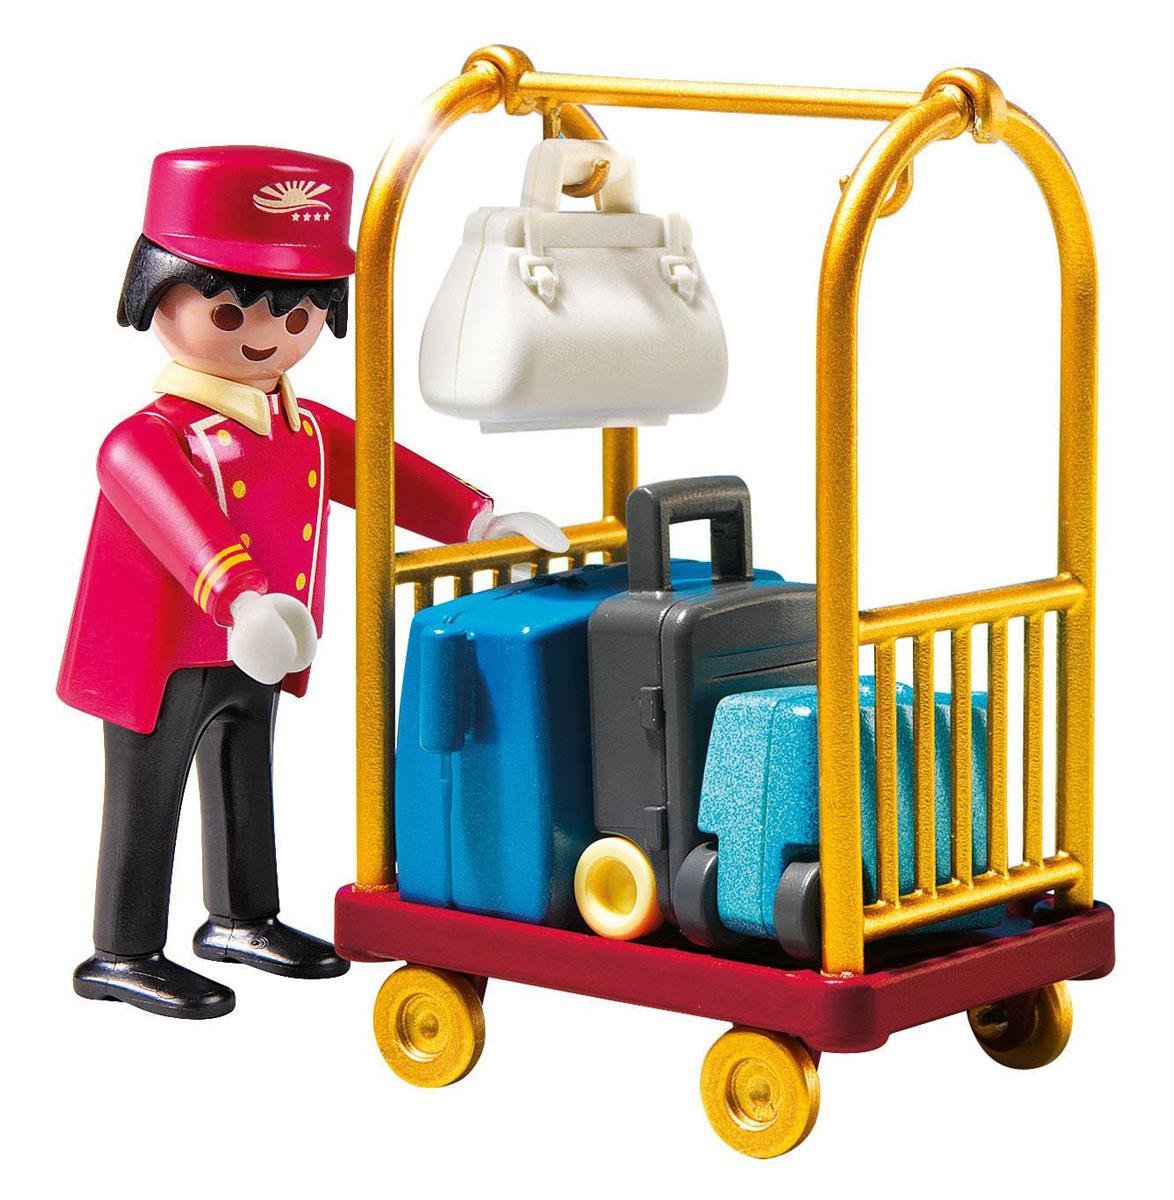 Playmobil Игровой набор Отель Носильщик с чемоданами playmobil игровой набор мой большой зоопарк